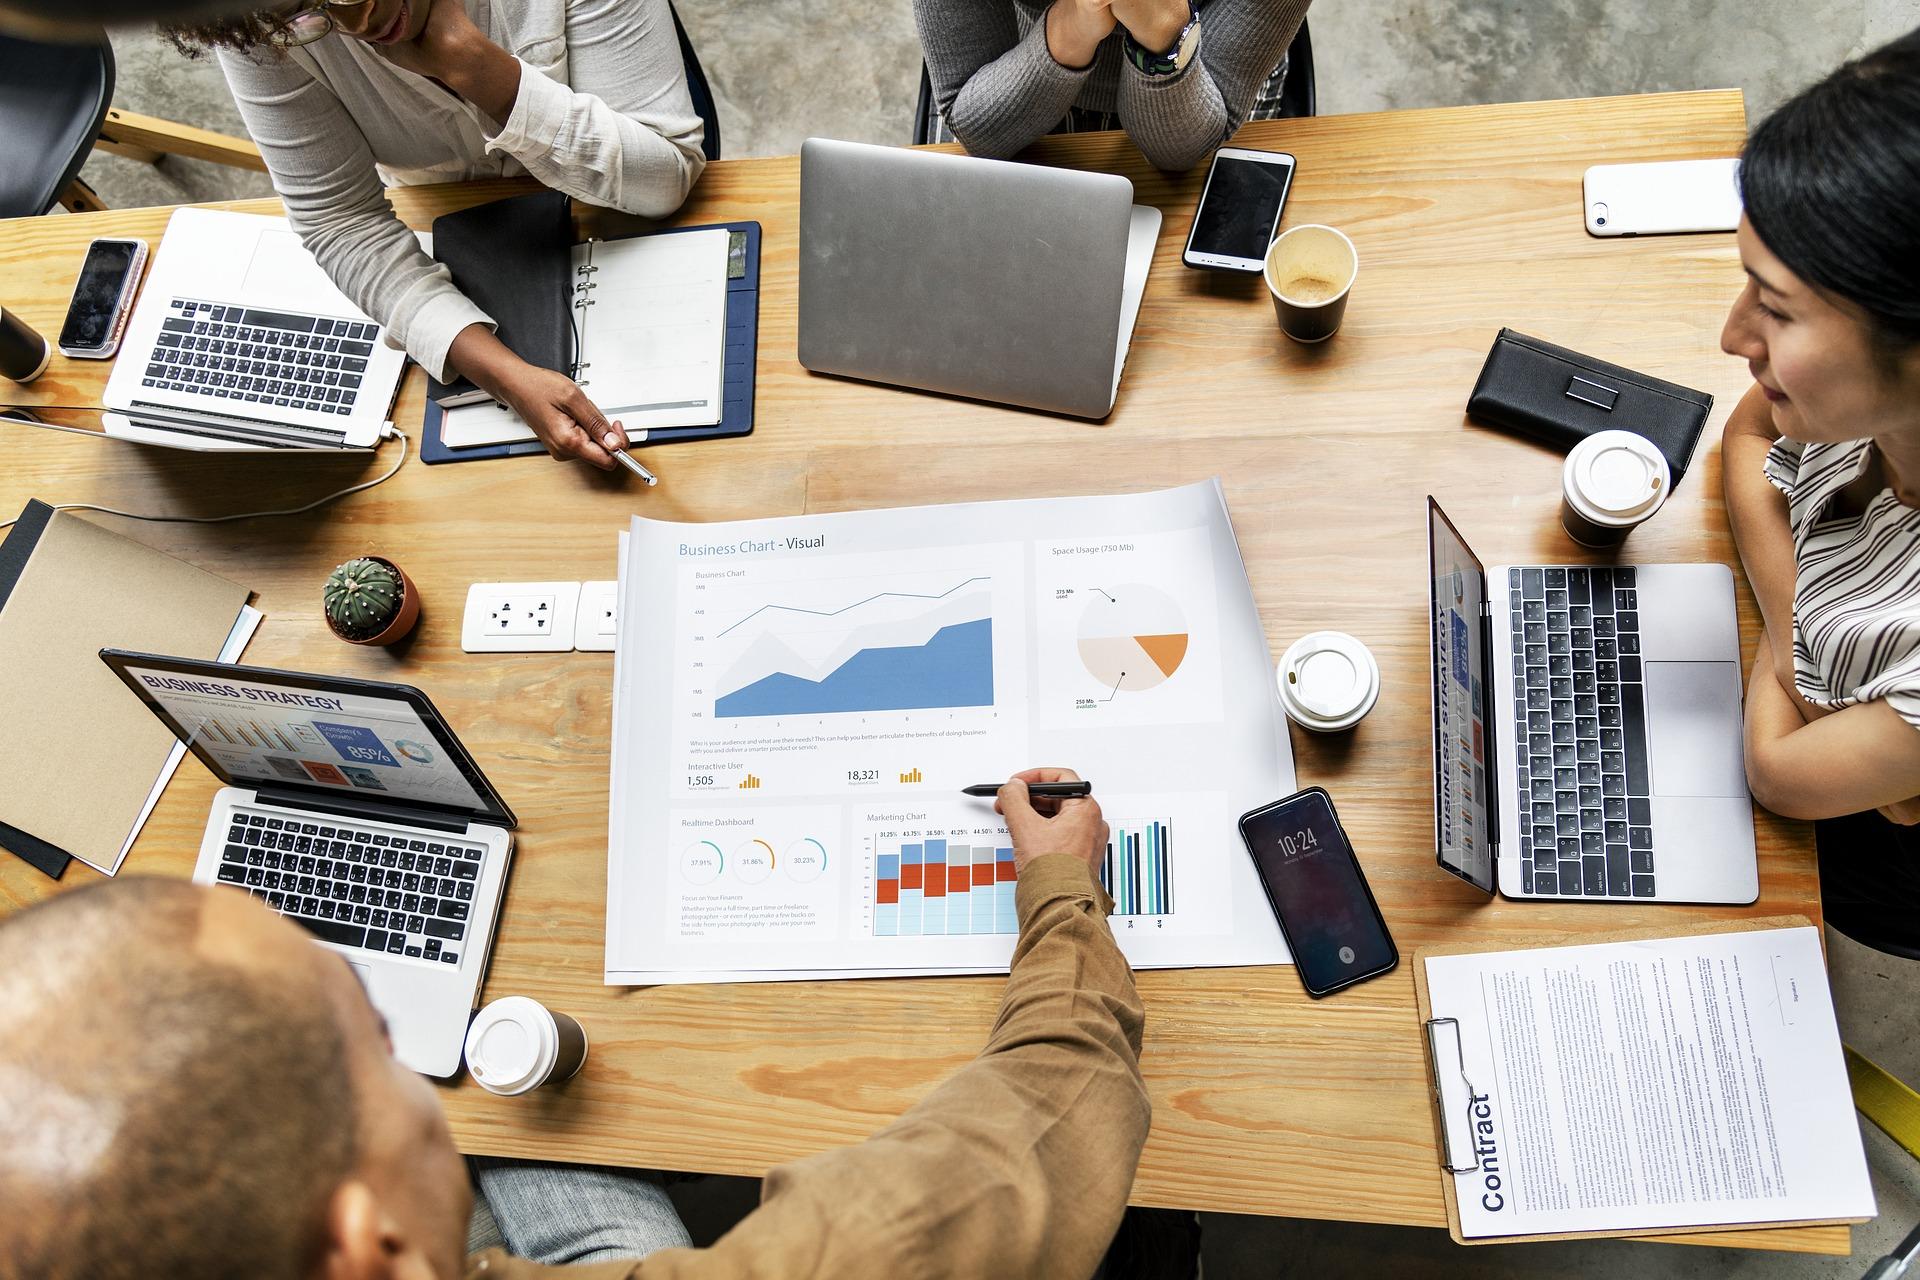 [교육과정] 빅데이터 기반 마케팅 데이터분석 실무(기초과정)